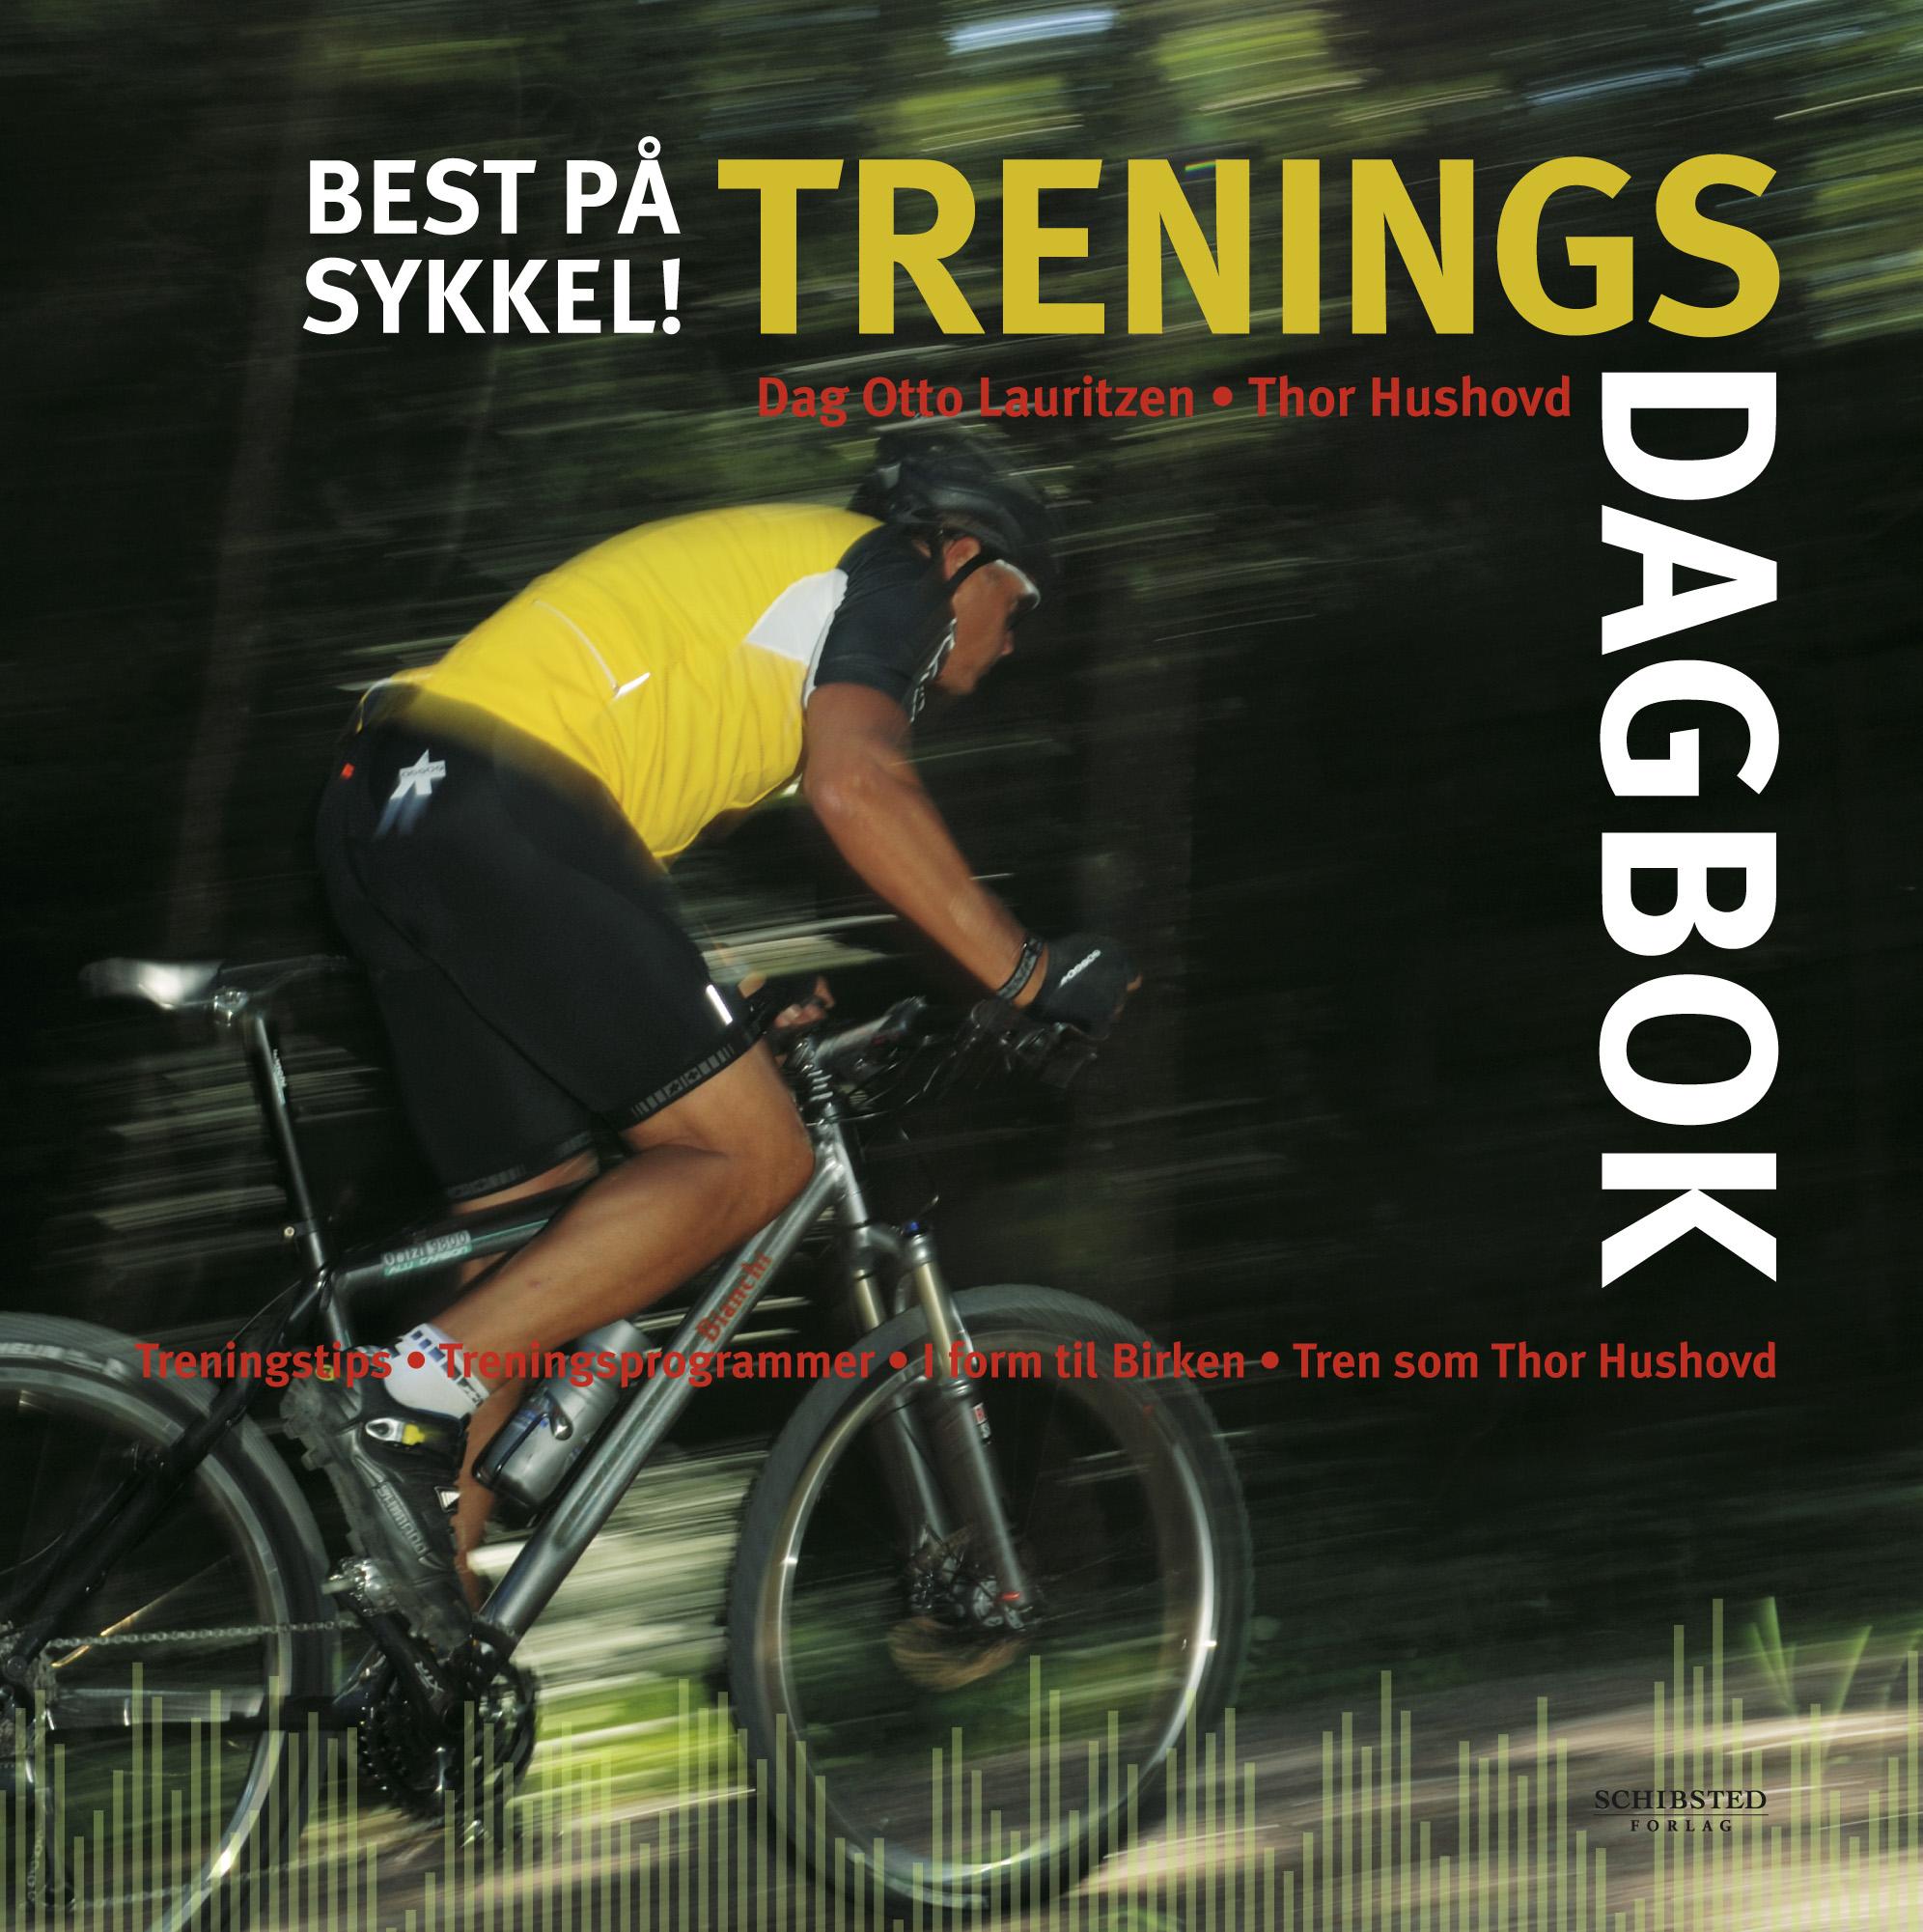 Best på sykkel - treningsdagbok (Schibsted Forlag 2007)